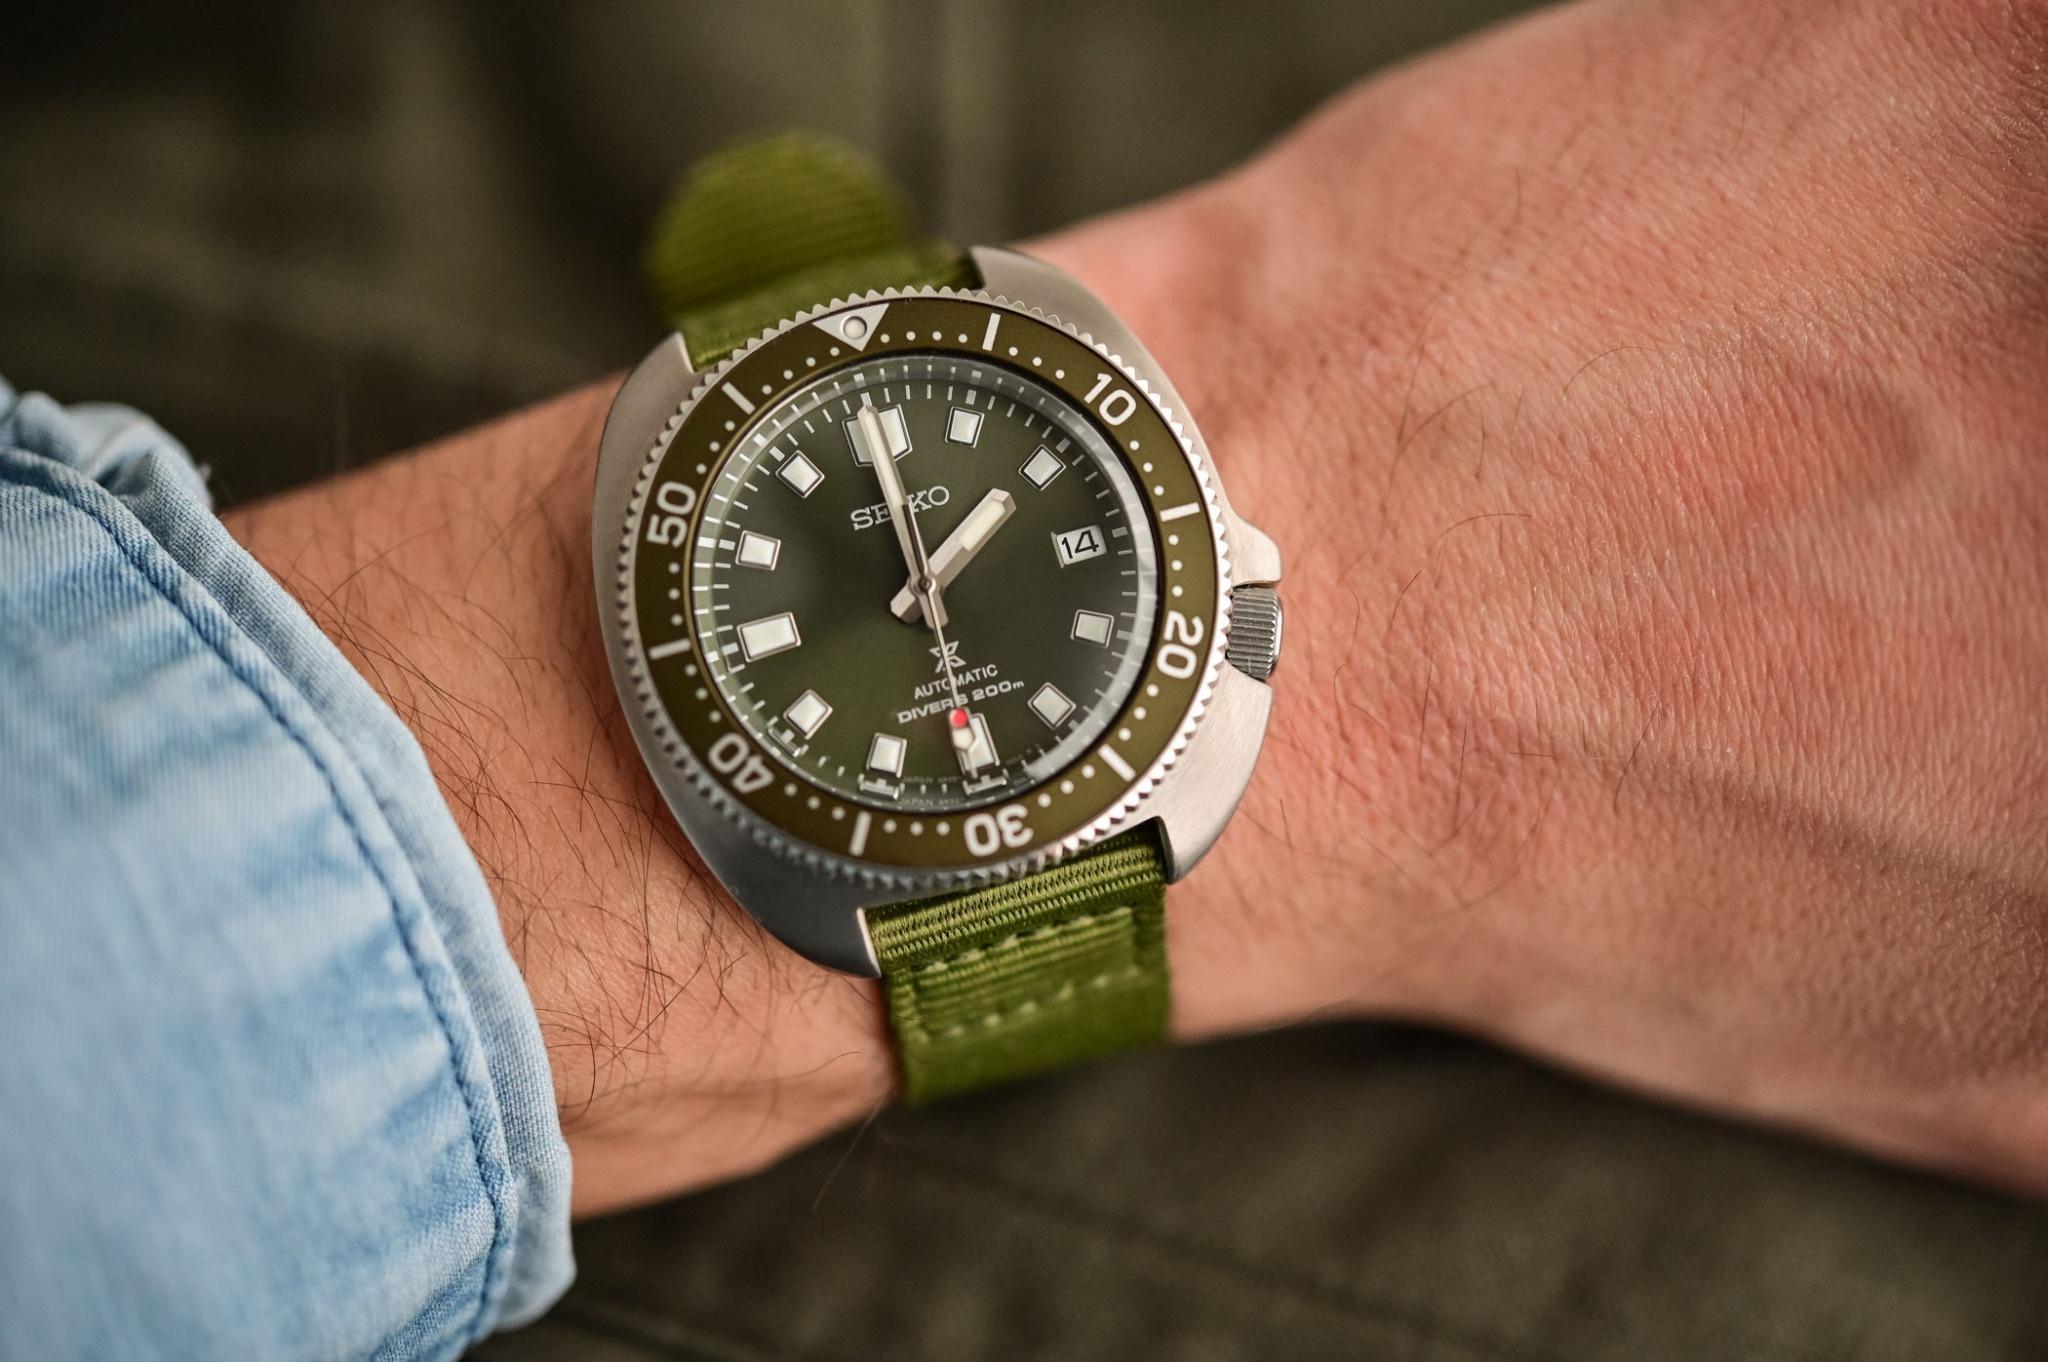 Những mẫu đồng hồ màu xanh độc đáo Ảnh 4